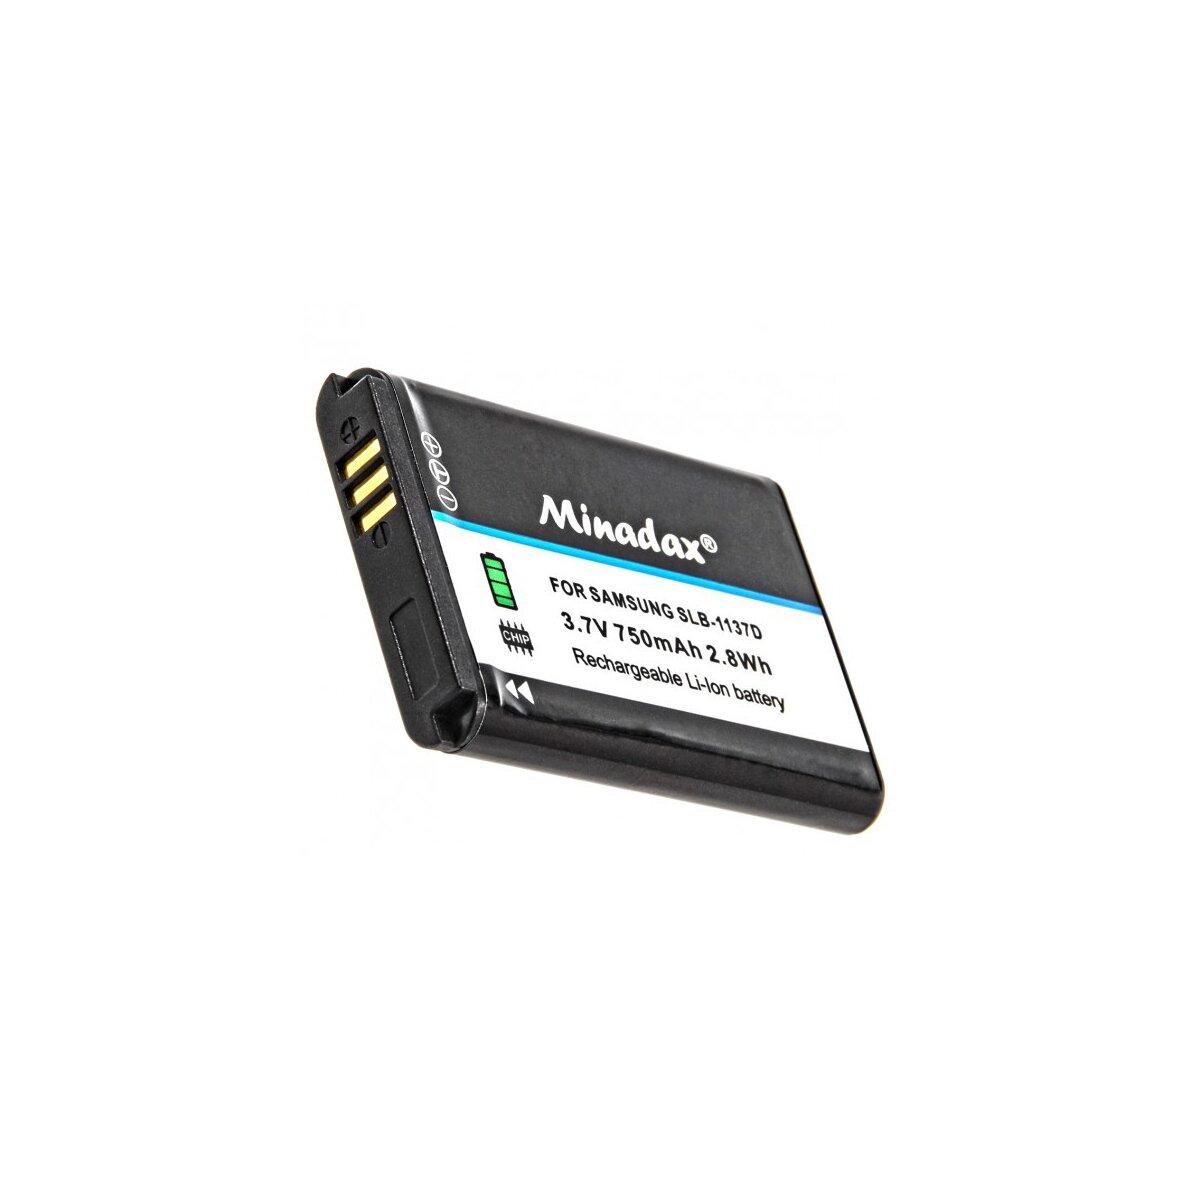 Minadax® Qualitaetsakku mit echten 750 mAh fuer Samsung Digimax i85 L74w L210 NV11 NV24HD NV30 NV40 NV100HD, wie SLB-1137D - Intelligentes Akkusystem mit Chip